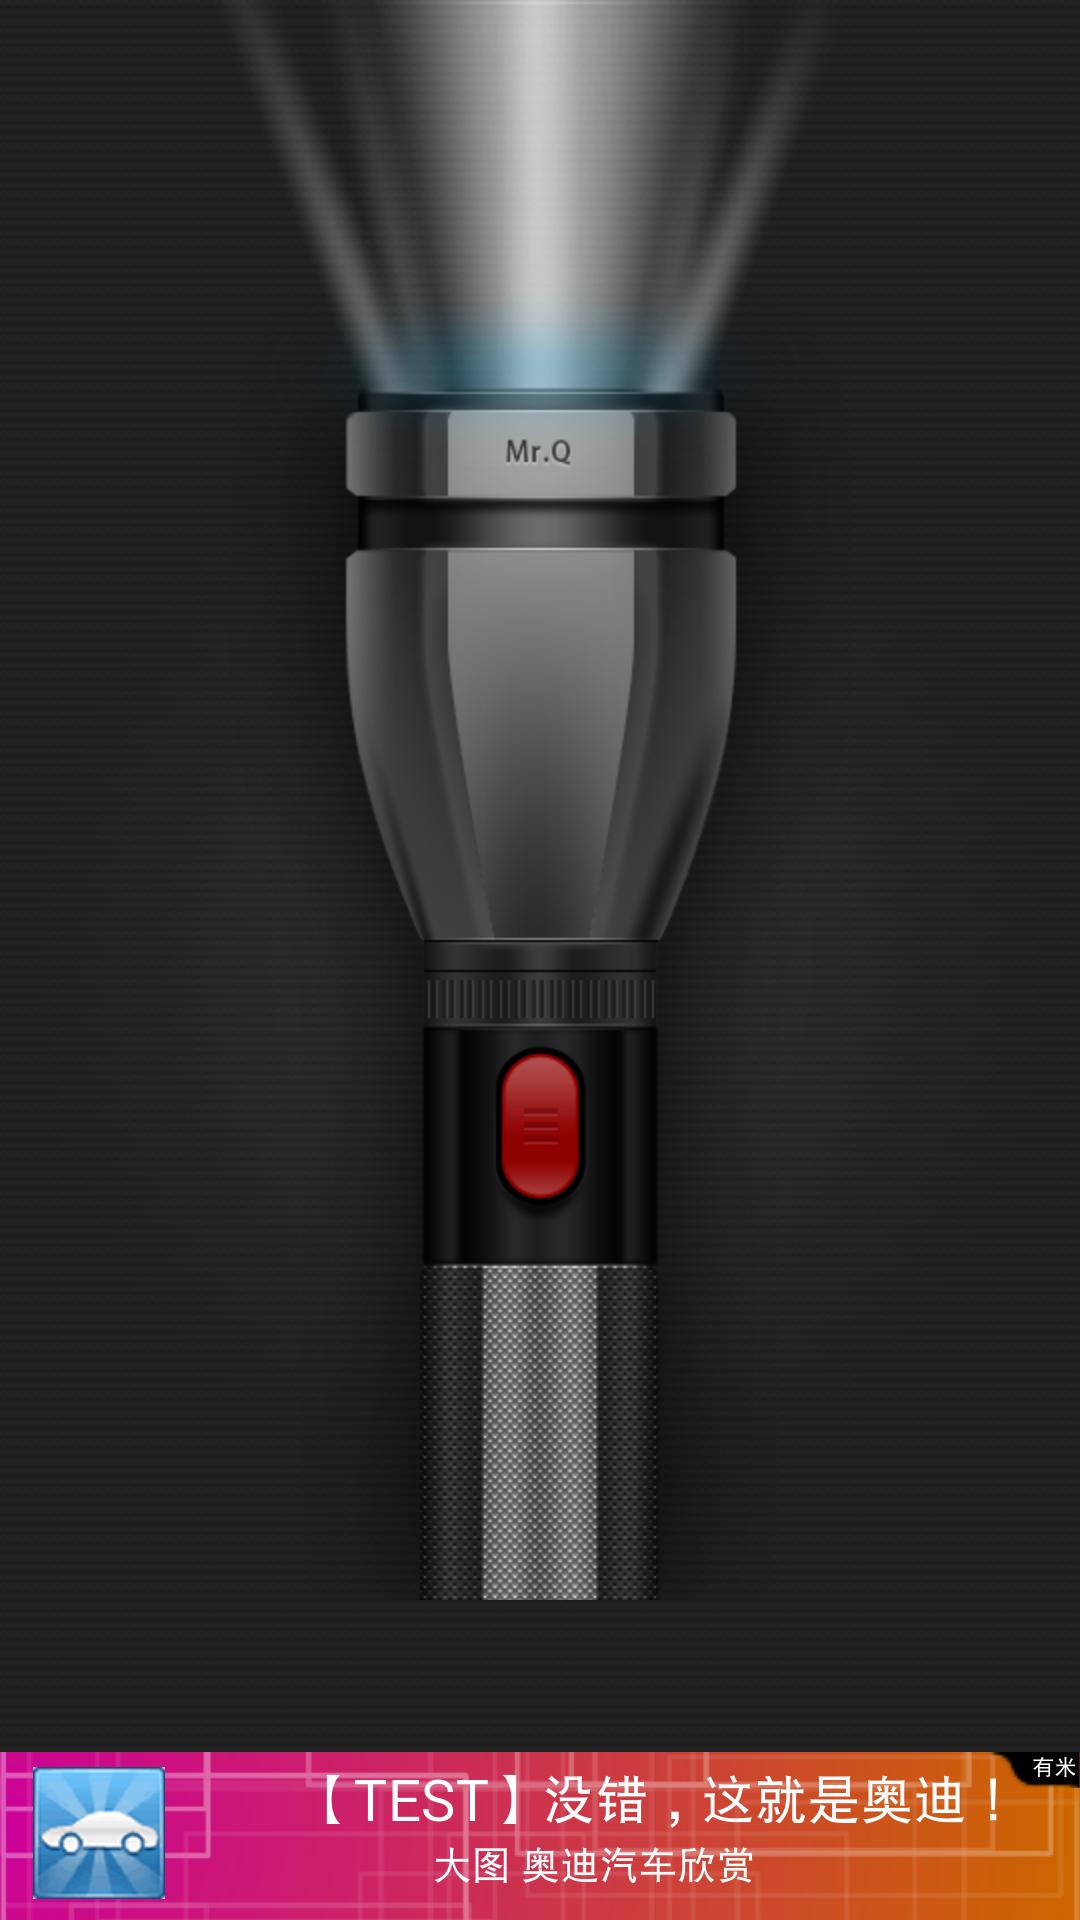 手电筒下载_手电筒手机版_最新手电筒安卓版下载